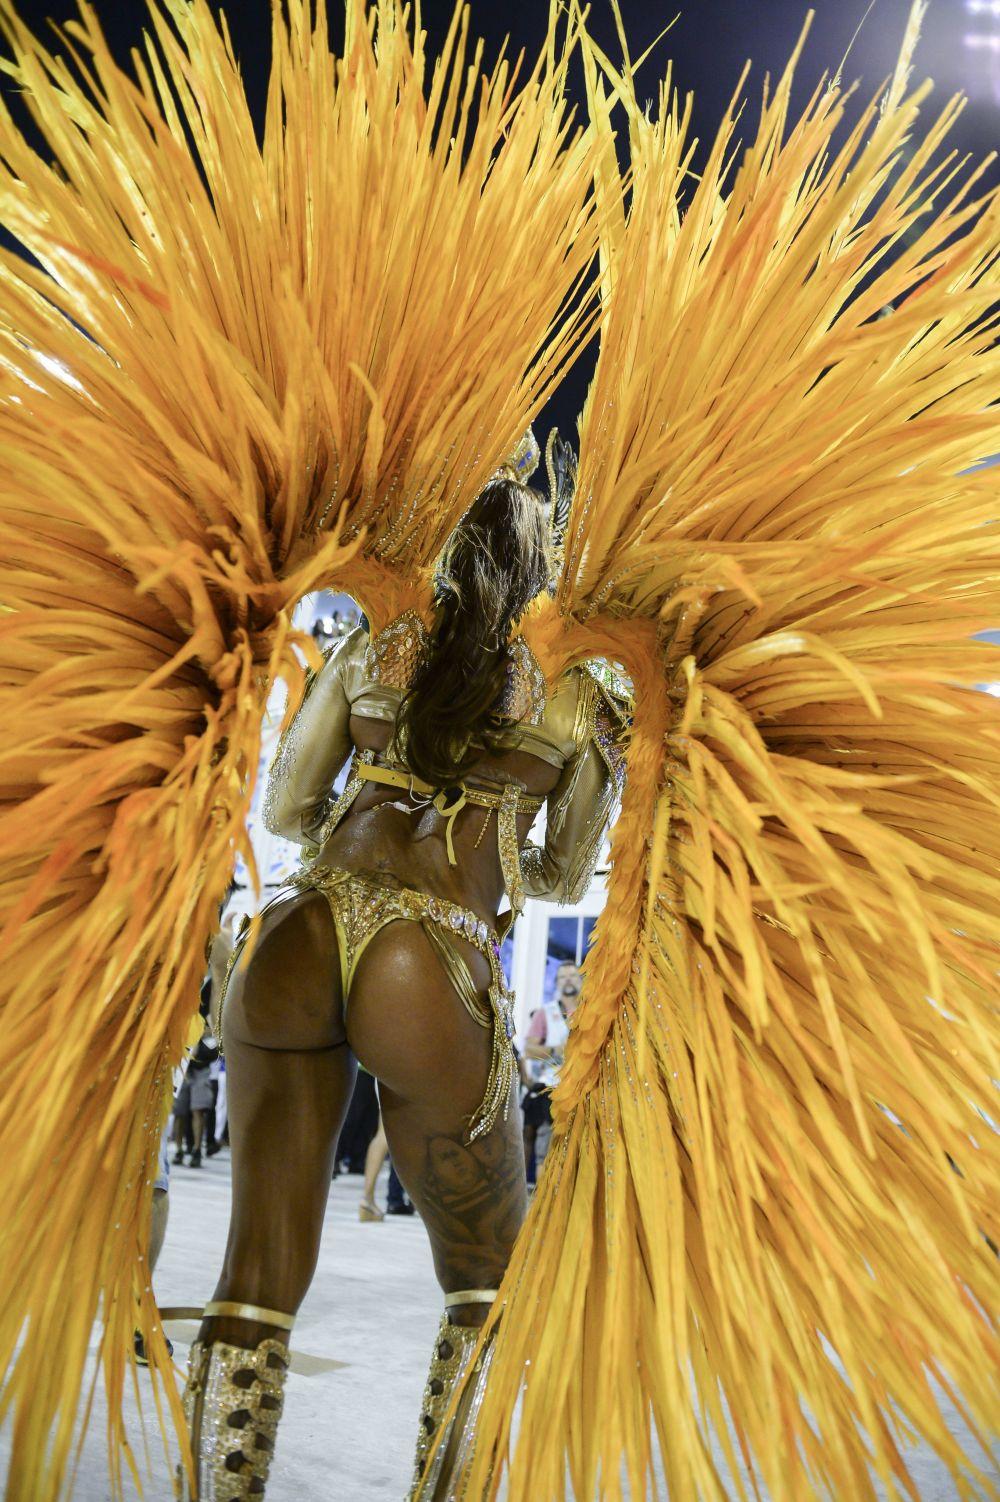 За что множество туристов любят карнавал, так это за то, что там всегда танцует огромное количество фигуристых девушек в вызывающих вопиющих нарядах